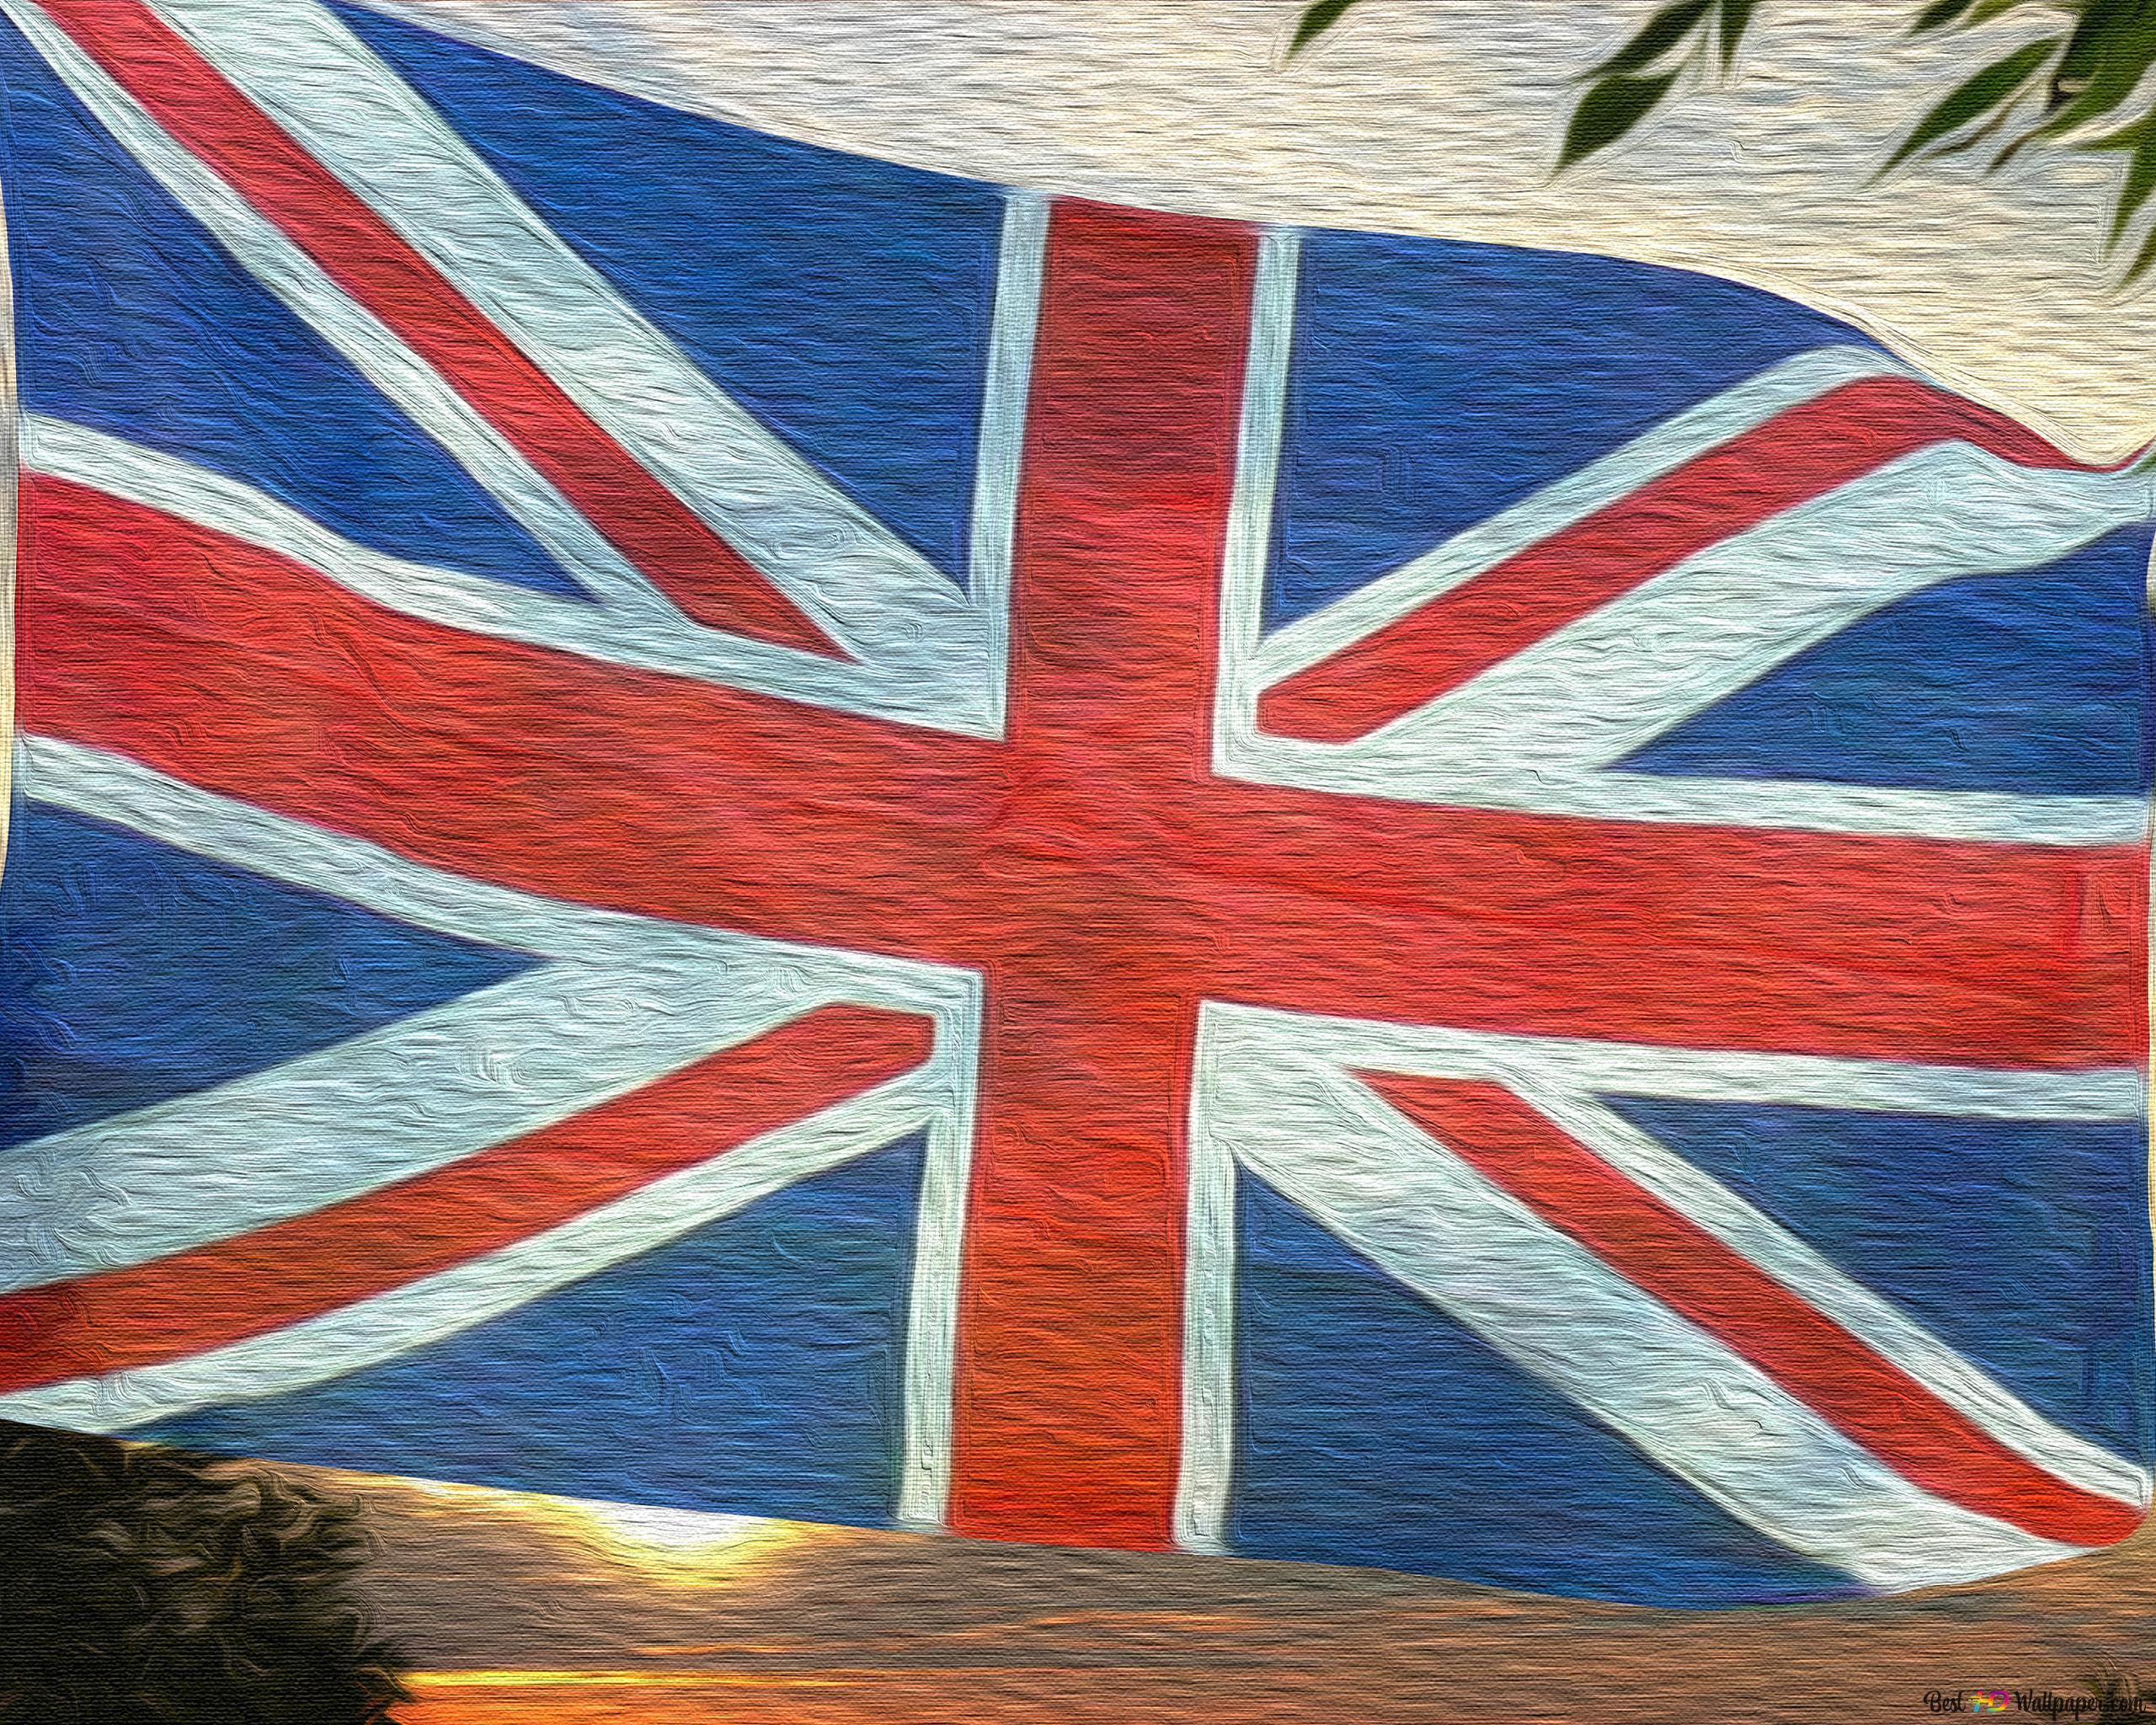 ユニオンジャック 英国旗 Hd壁紙のダウンロード